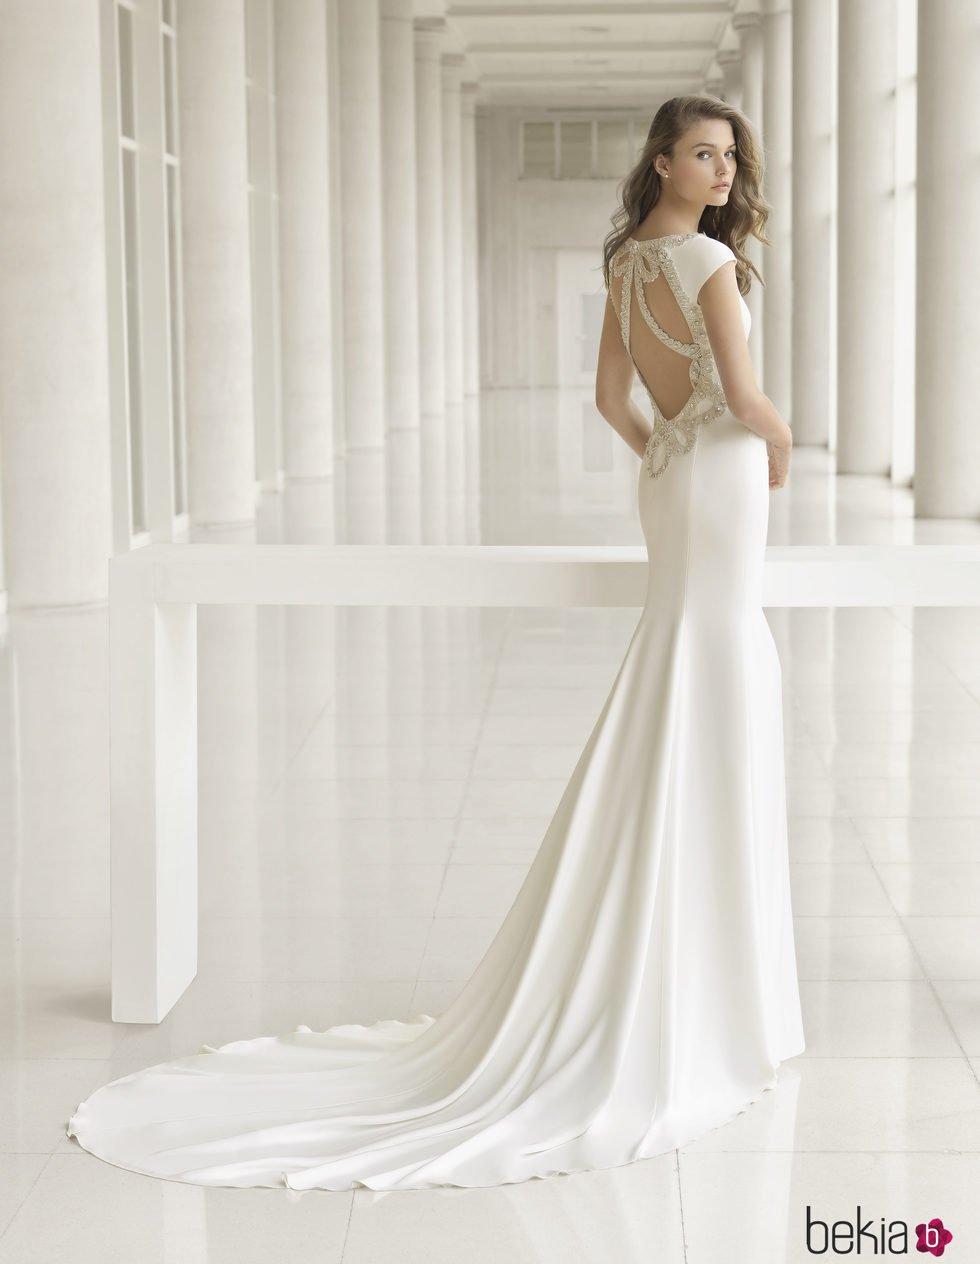 0114301aa703e Anterior Vestido de novia con pedrería en la espalda de Rosa Clará  colección 2018